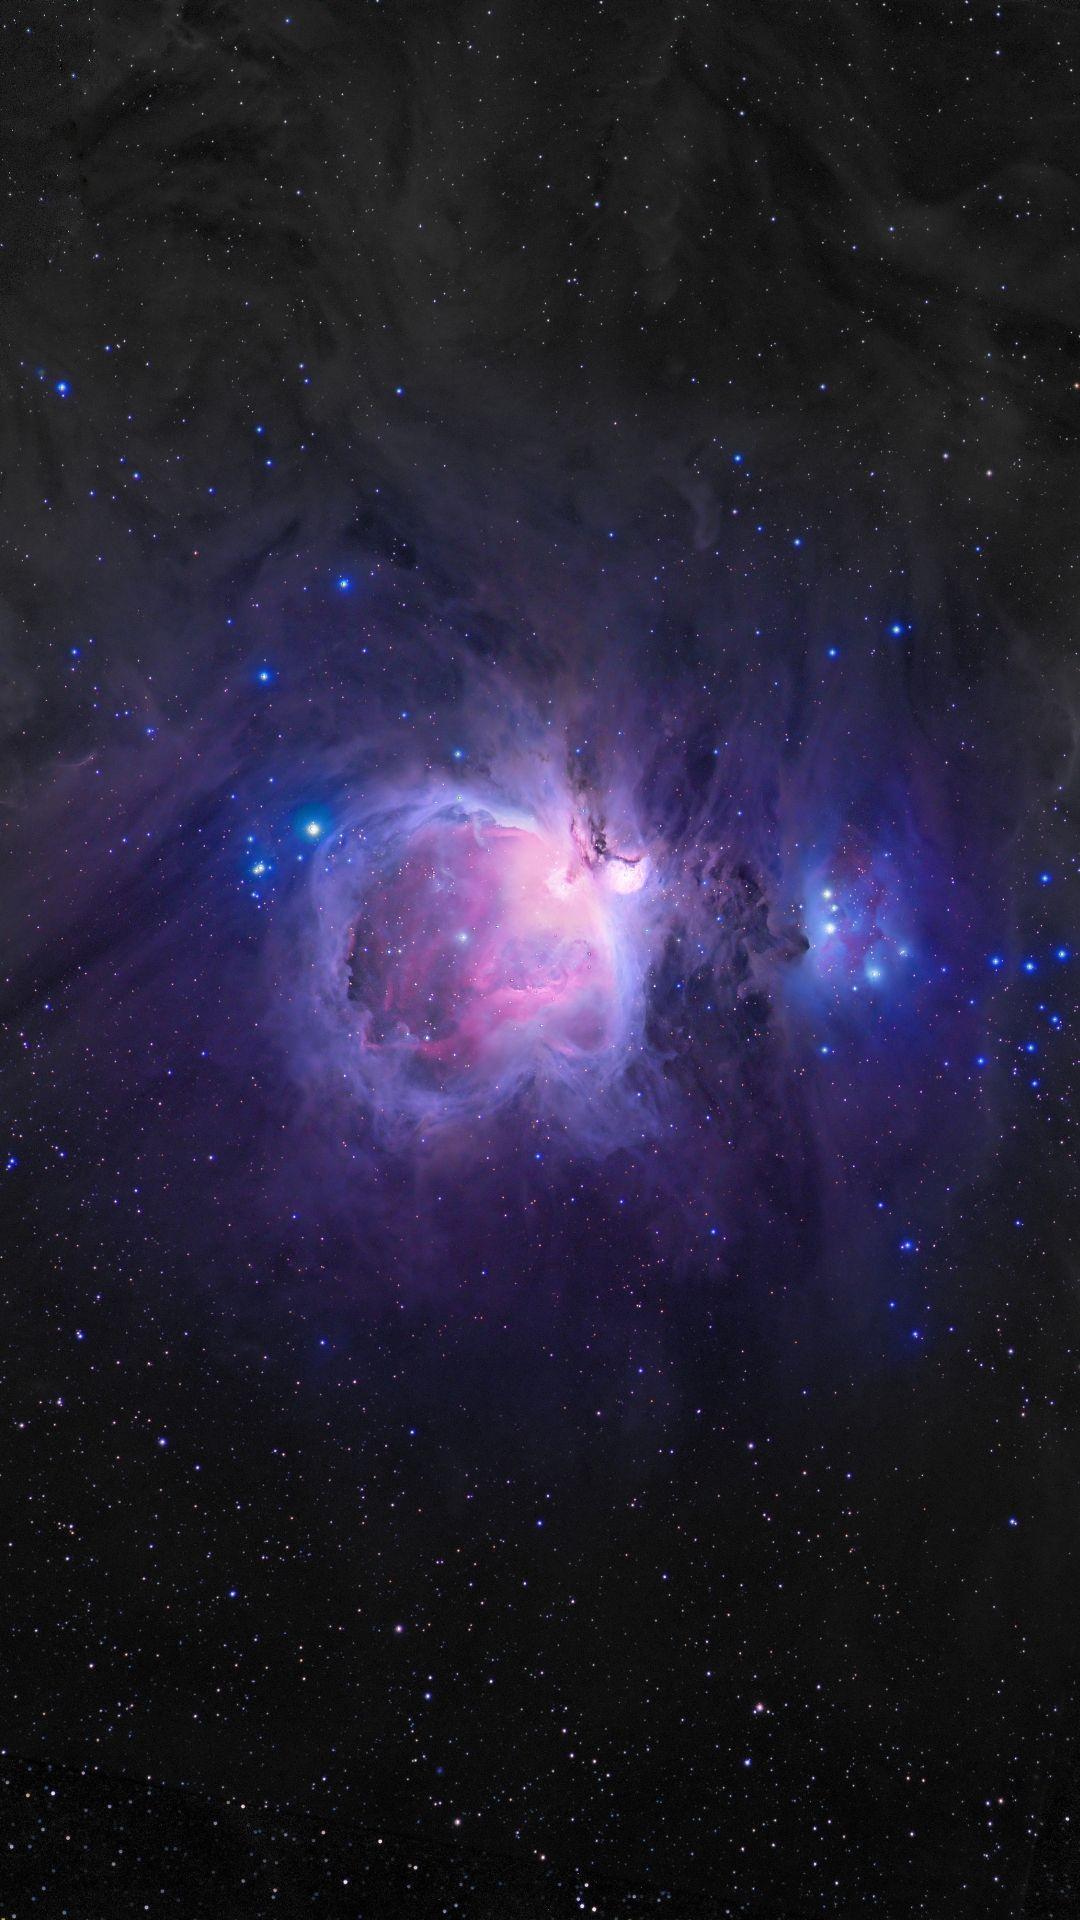 fantasy shiny mystery nebula outer space | astronomy | pinterest